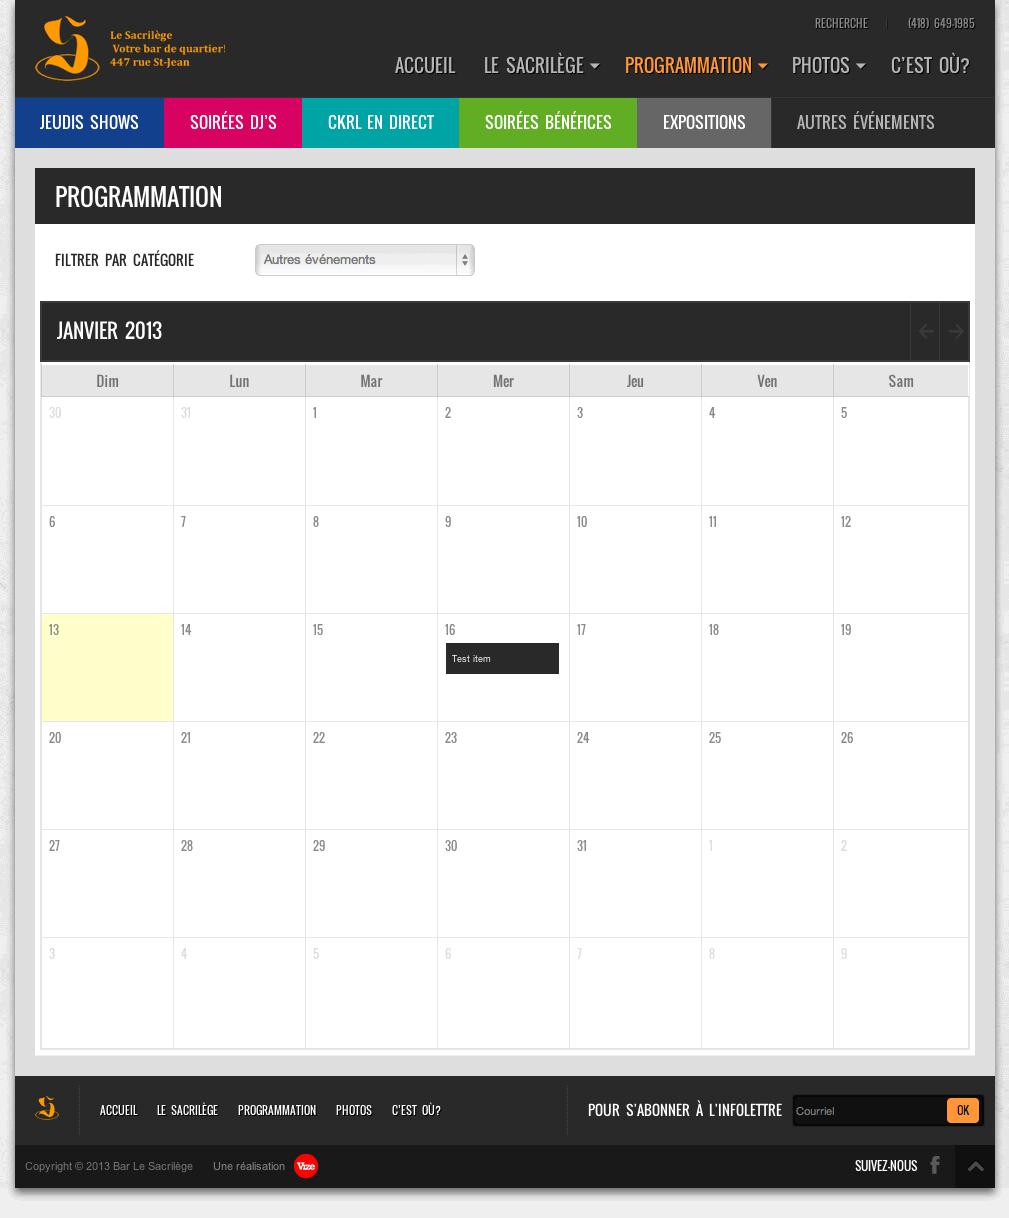 Site web du Sacrilège - Calendrier des événements